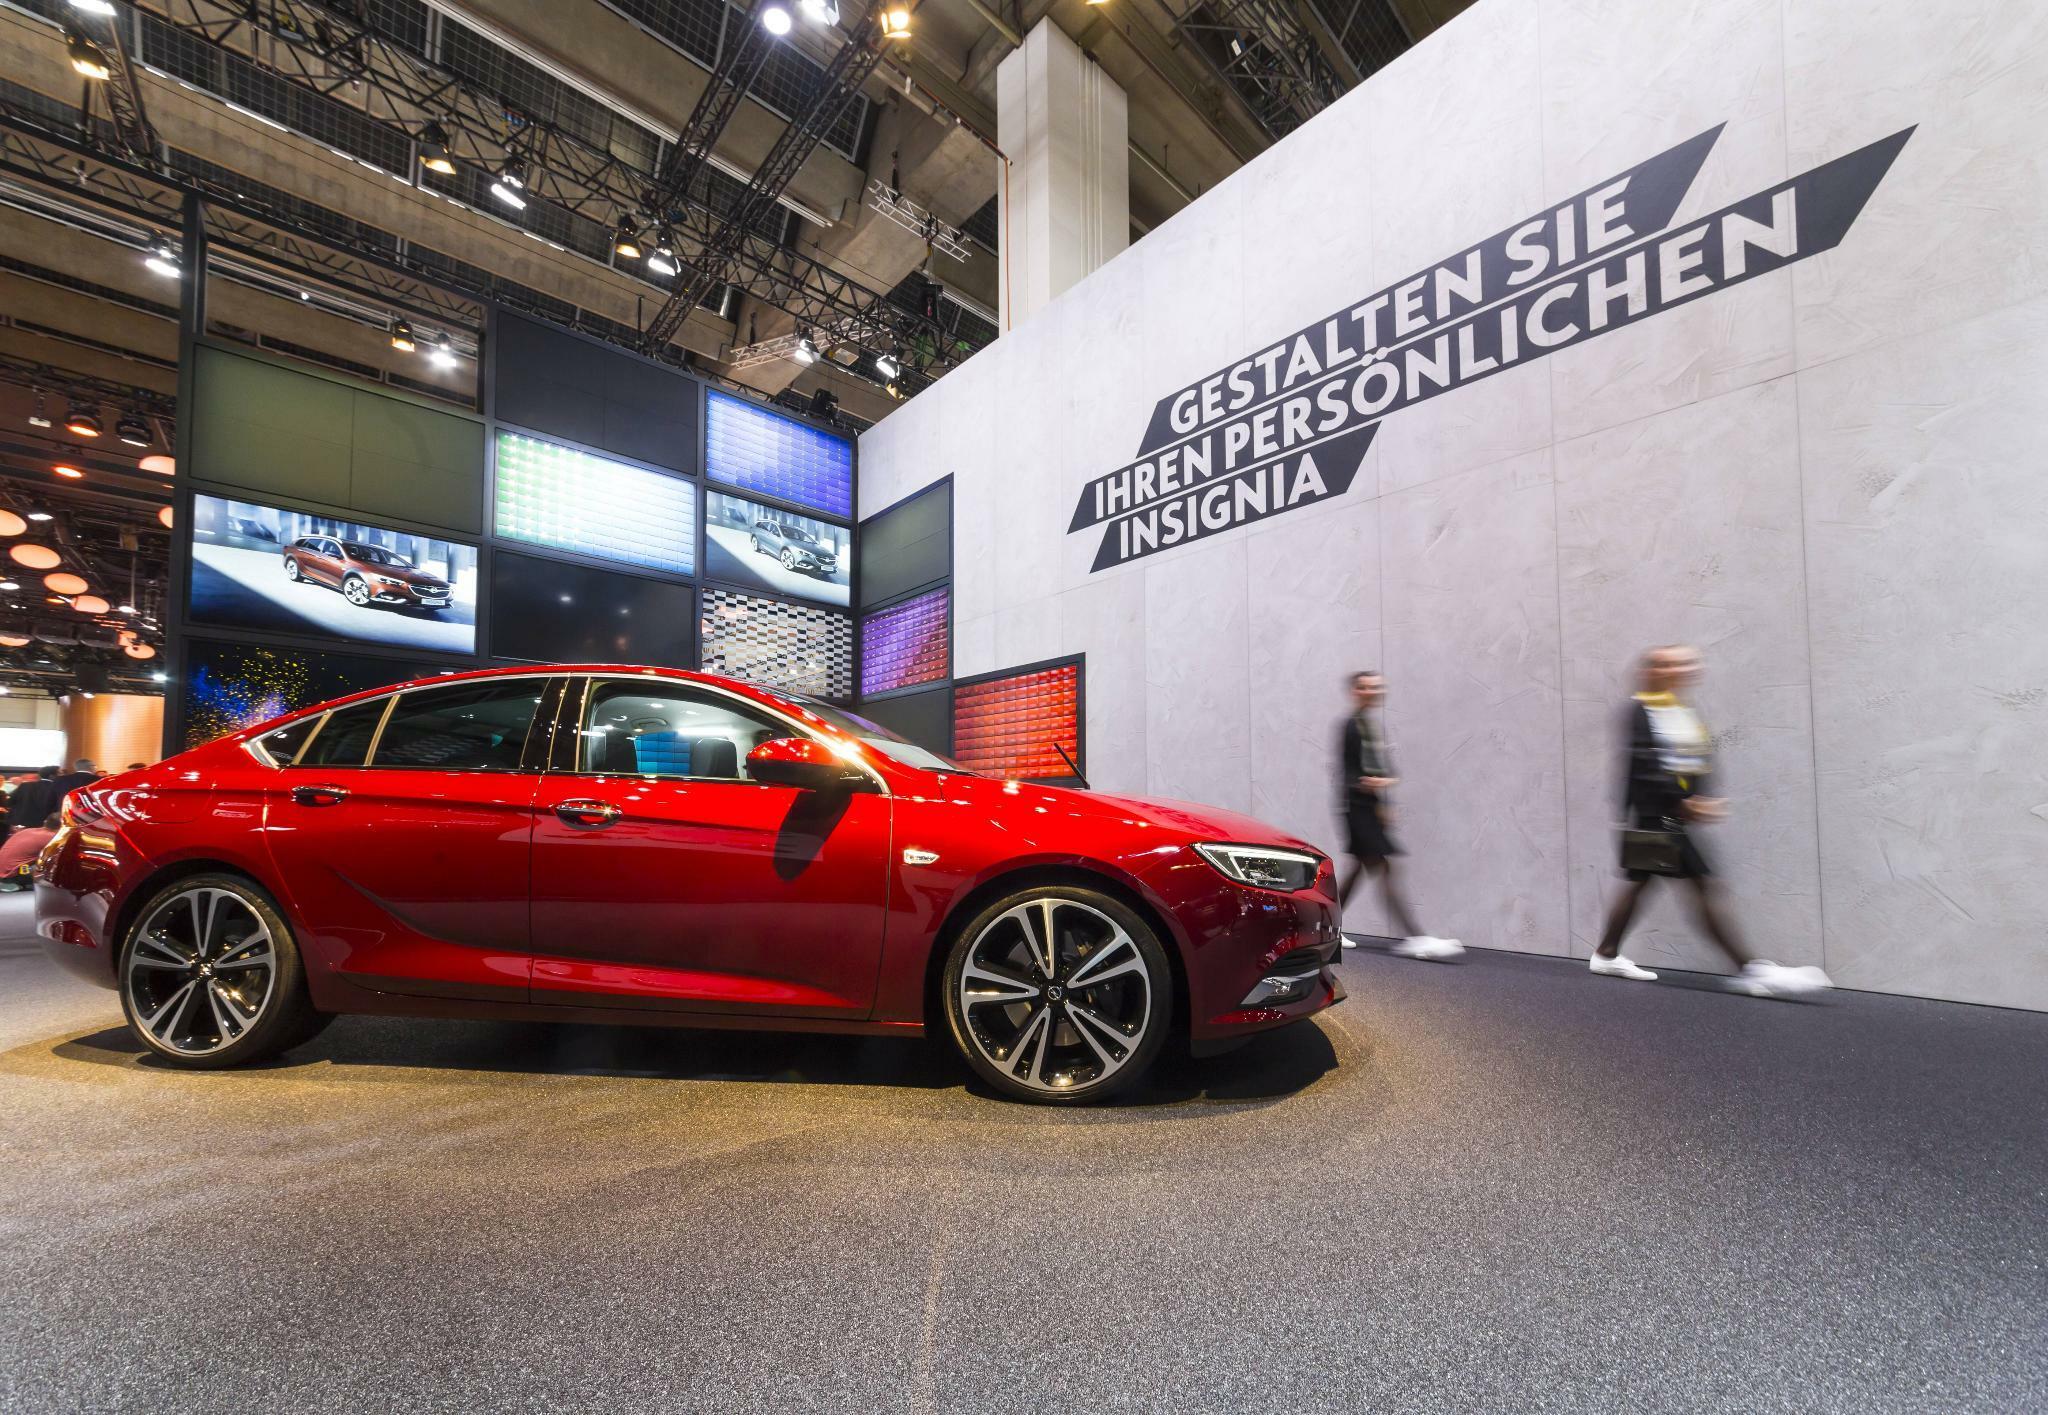 Opel: Autohersteller streicht Tausende weitere Stellen